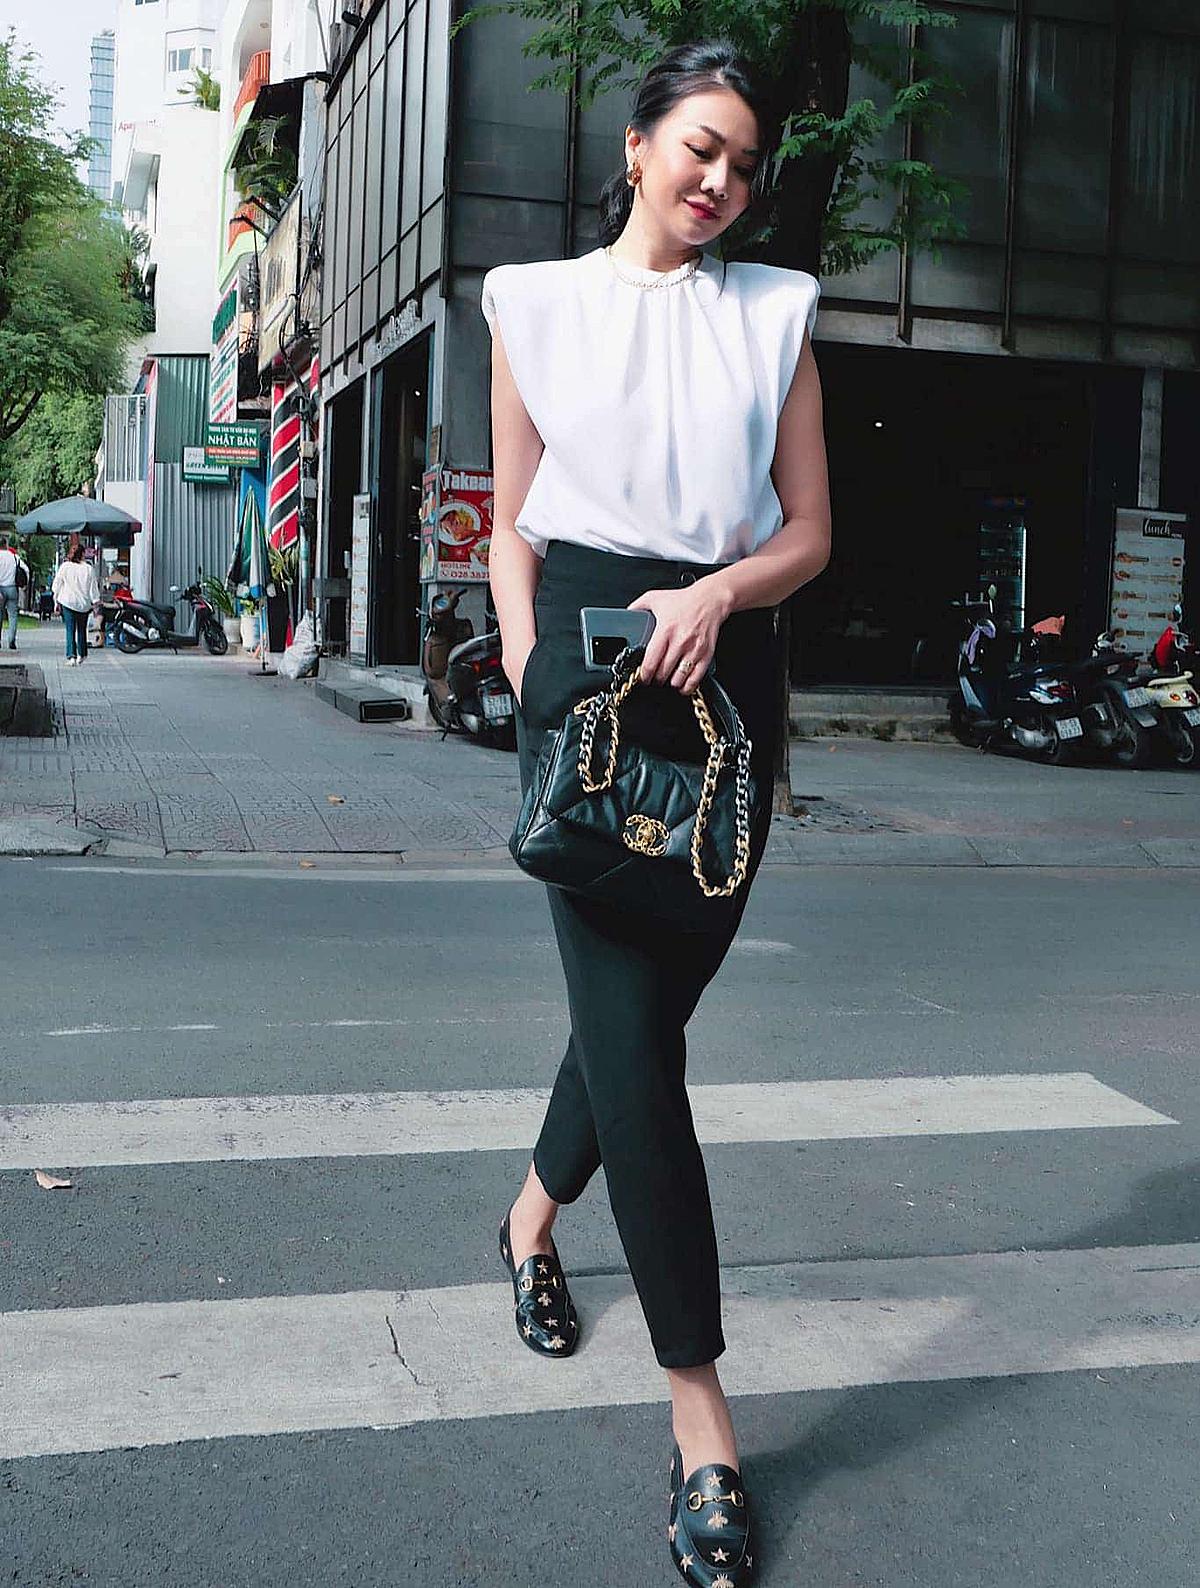 Thiết kế độn vai kiểu cách của Zara được lòng Thanh Hằng. Set đồ chỉ gồm hai tông đen - trắng nhưng vẫn mang đến cho siêu mẫu vẻ nổi bật.